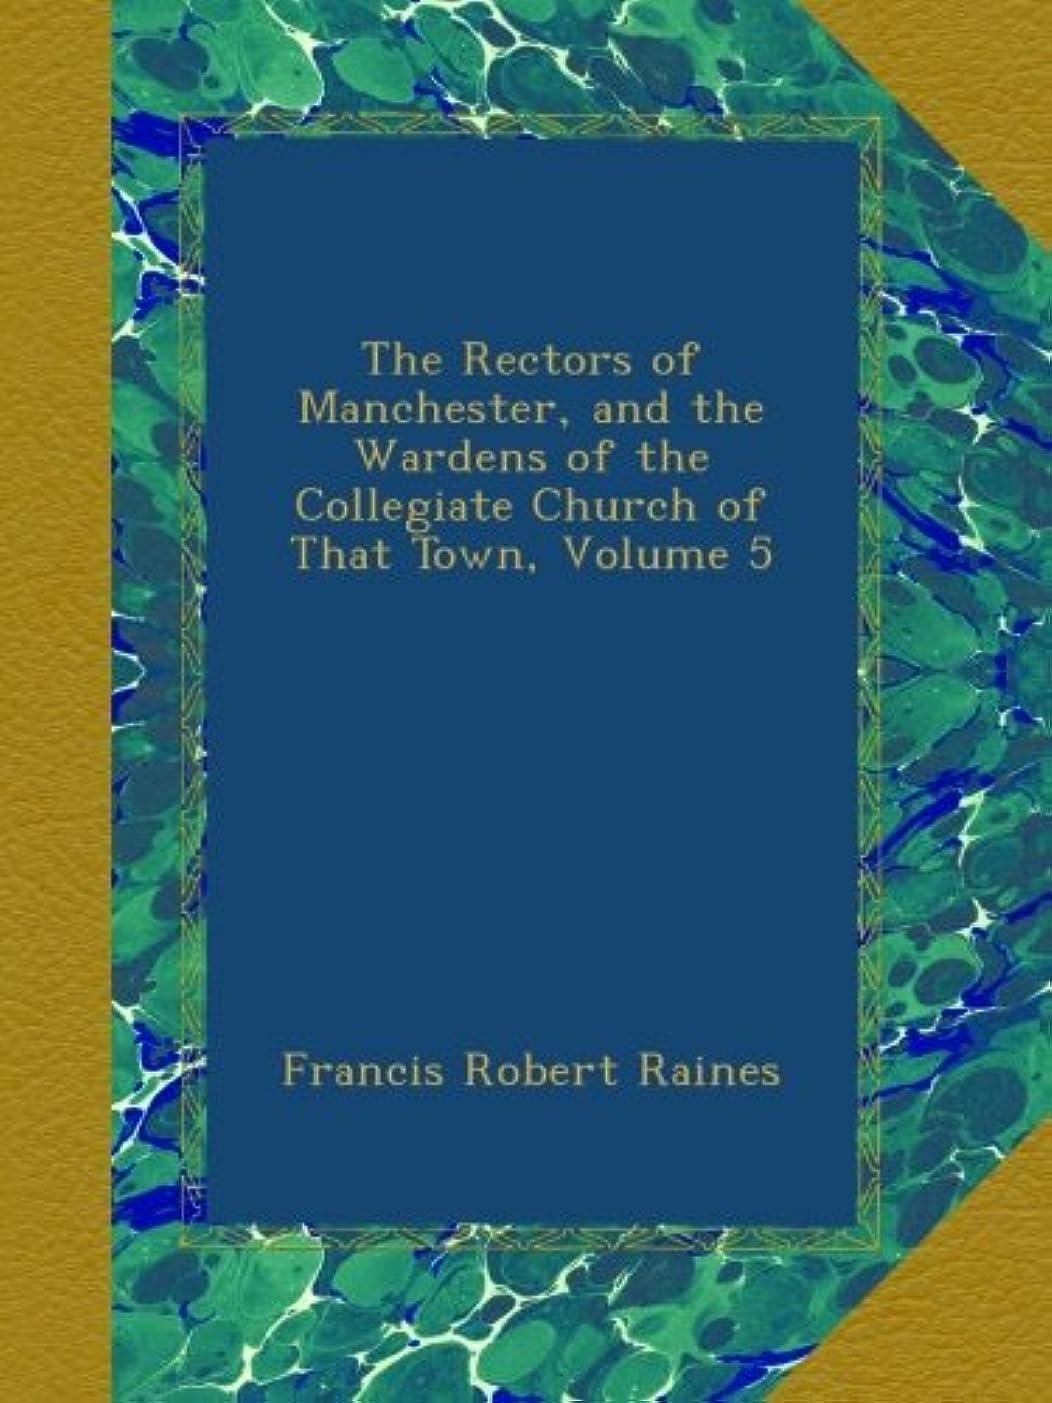 木曜日息切れ歴史The Rectors of Manchester, and the Wardens of the Collegiate Church of That Town, Volume 5